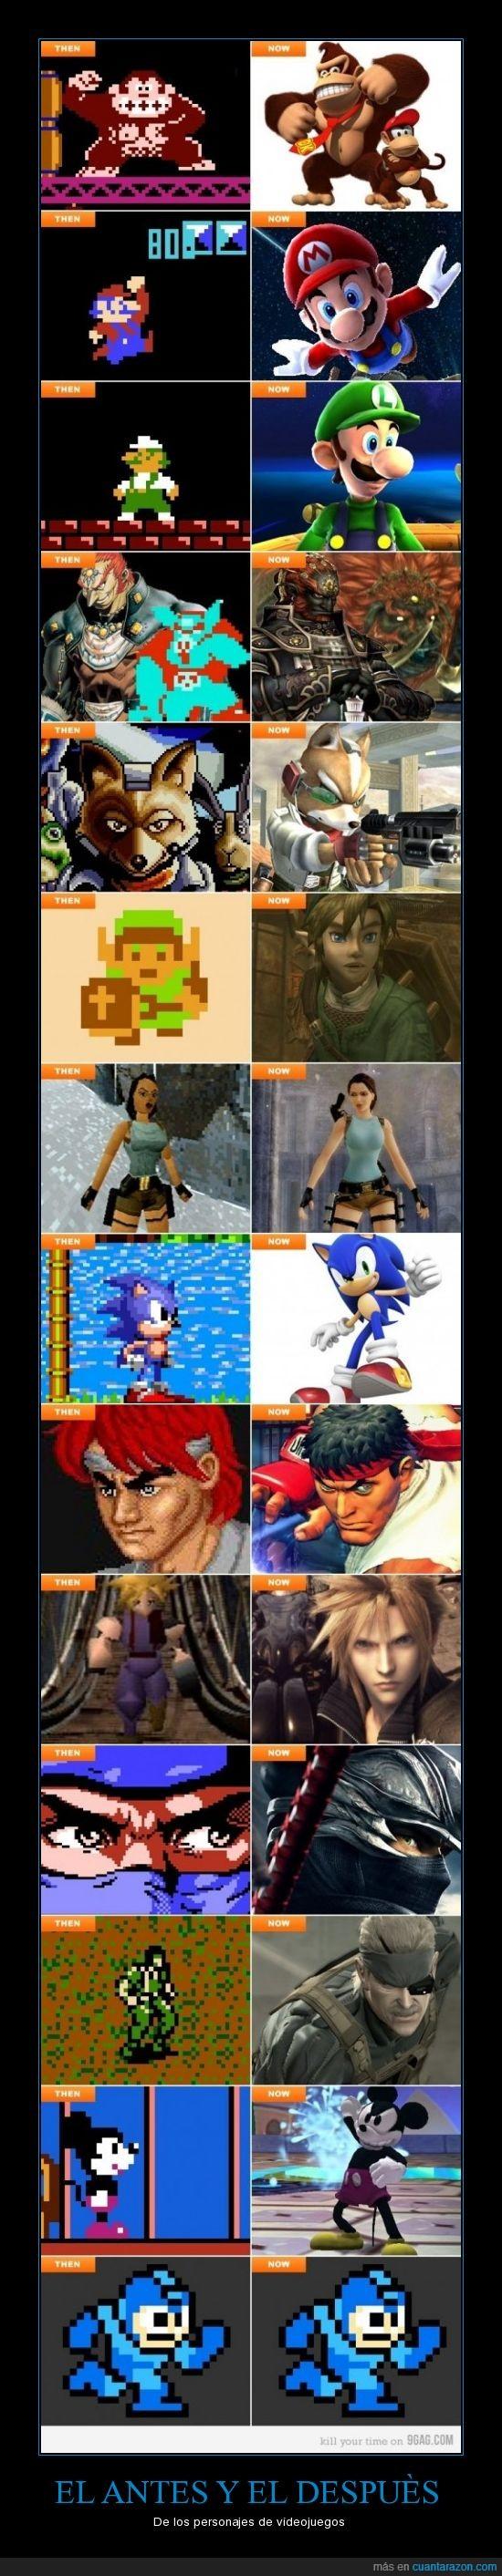 antes,despues,juegos,personajes